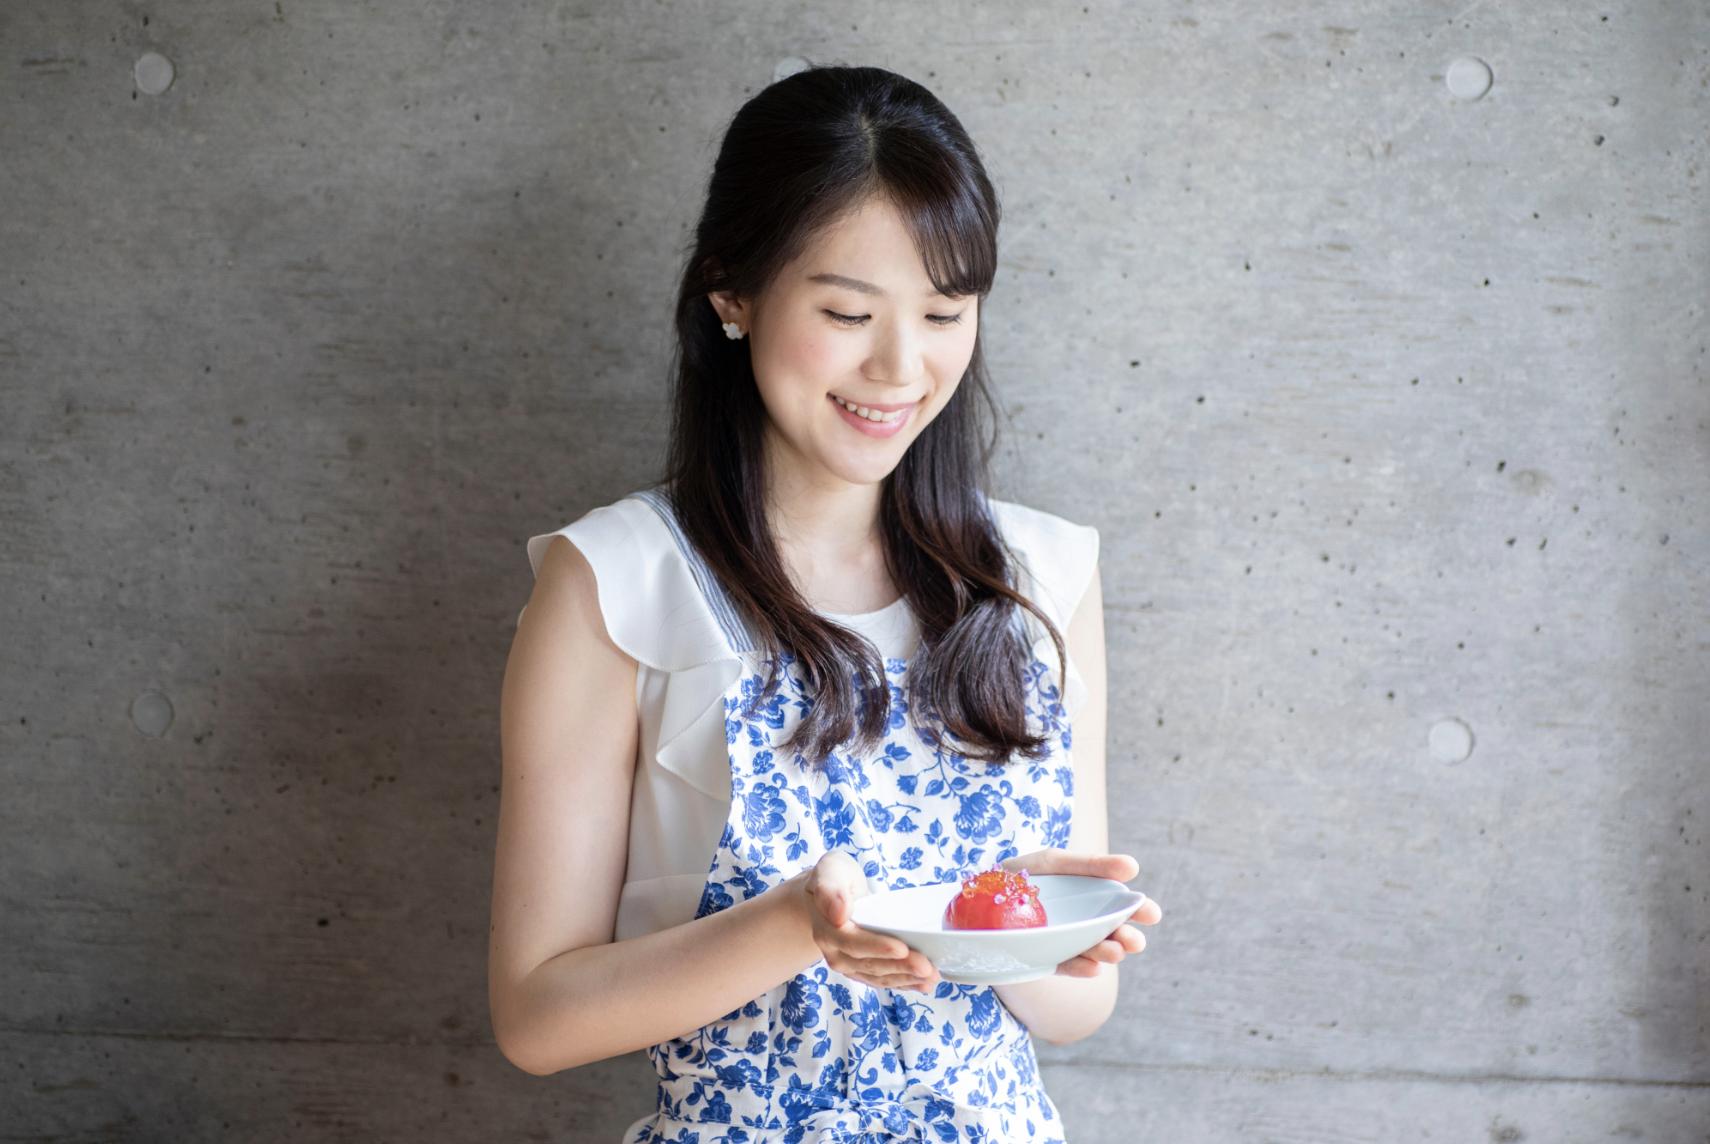 豊田麻子(豊田朝子)のwiki風プロフィール!職業と年収は?結婚や子供も調査!